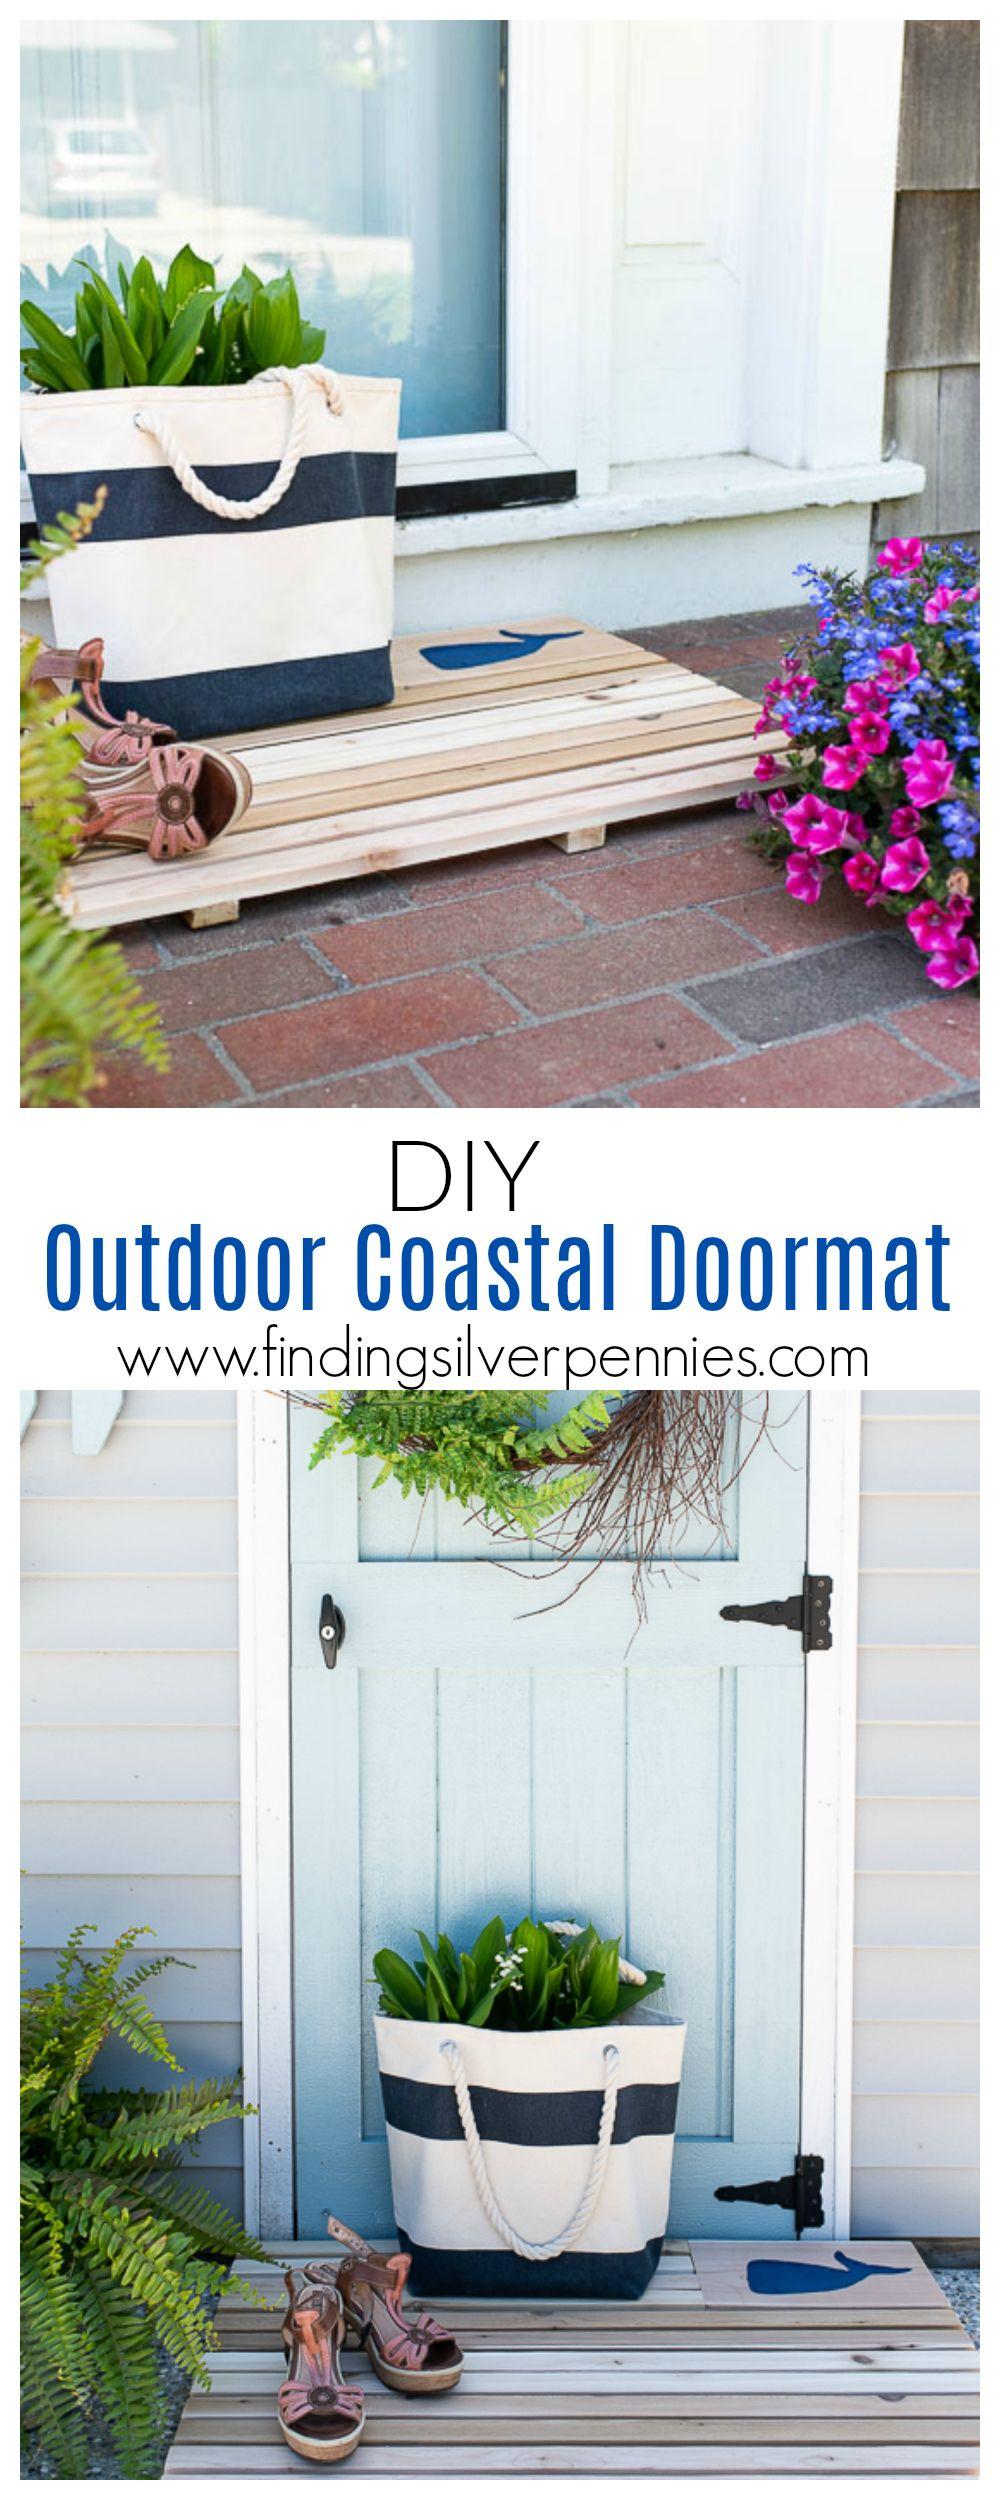 Diy Coastal Cedar Doormat With Images Outdoor Beach Decor Diy